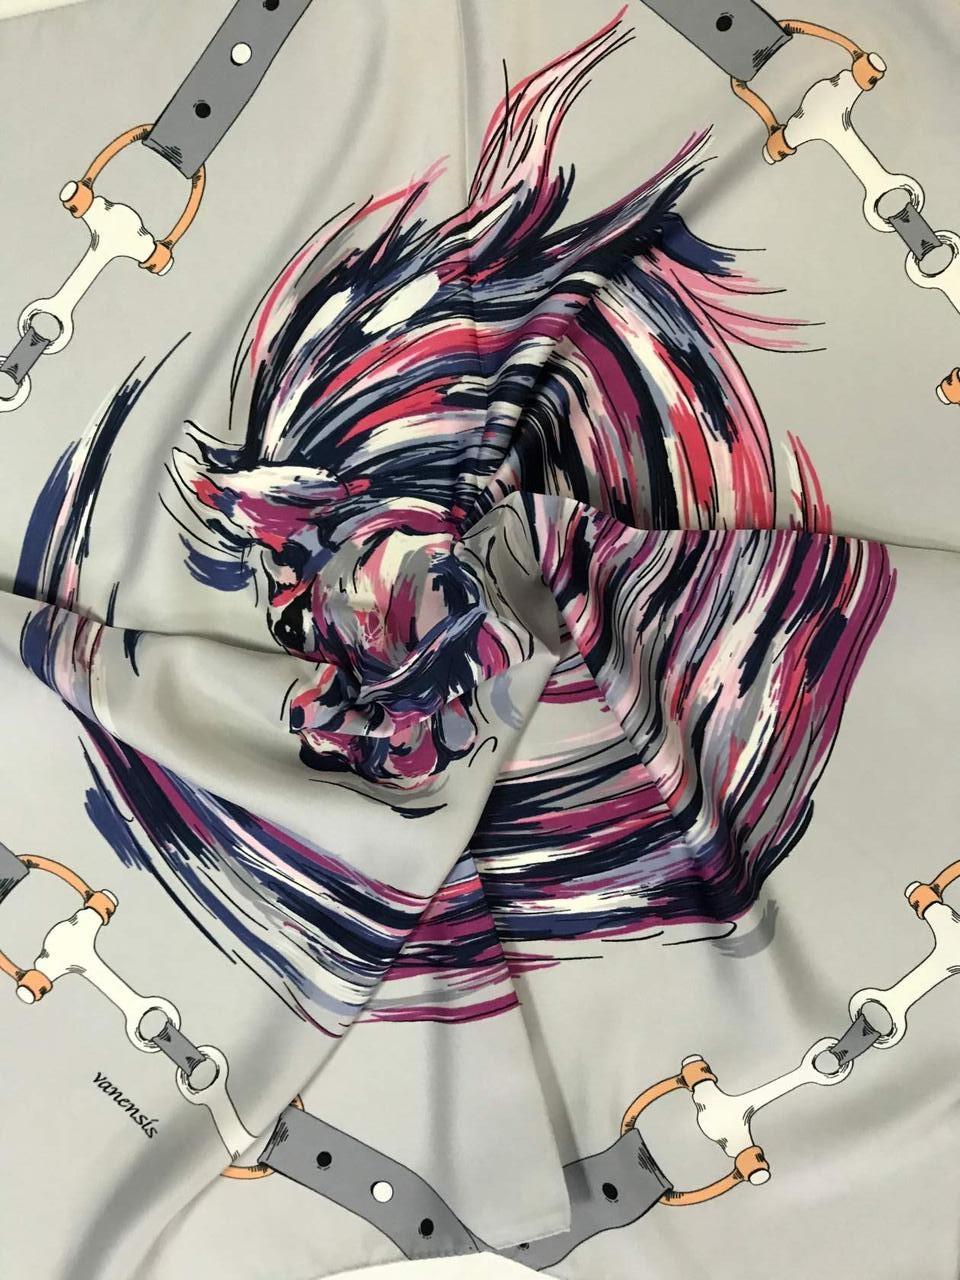 Платок шейный с добавкой  натур шёлка светло серый и мята с рисунком